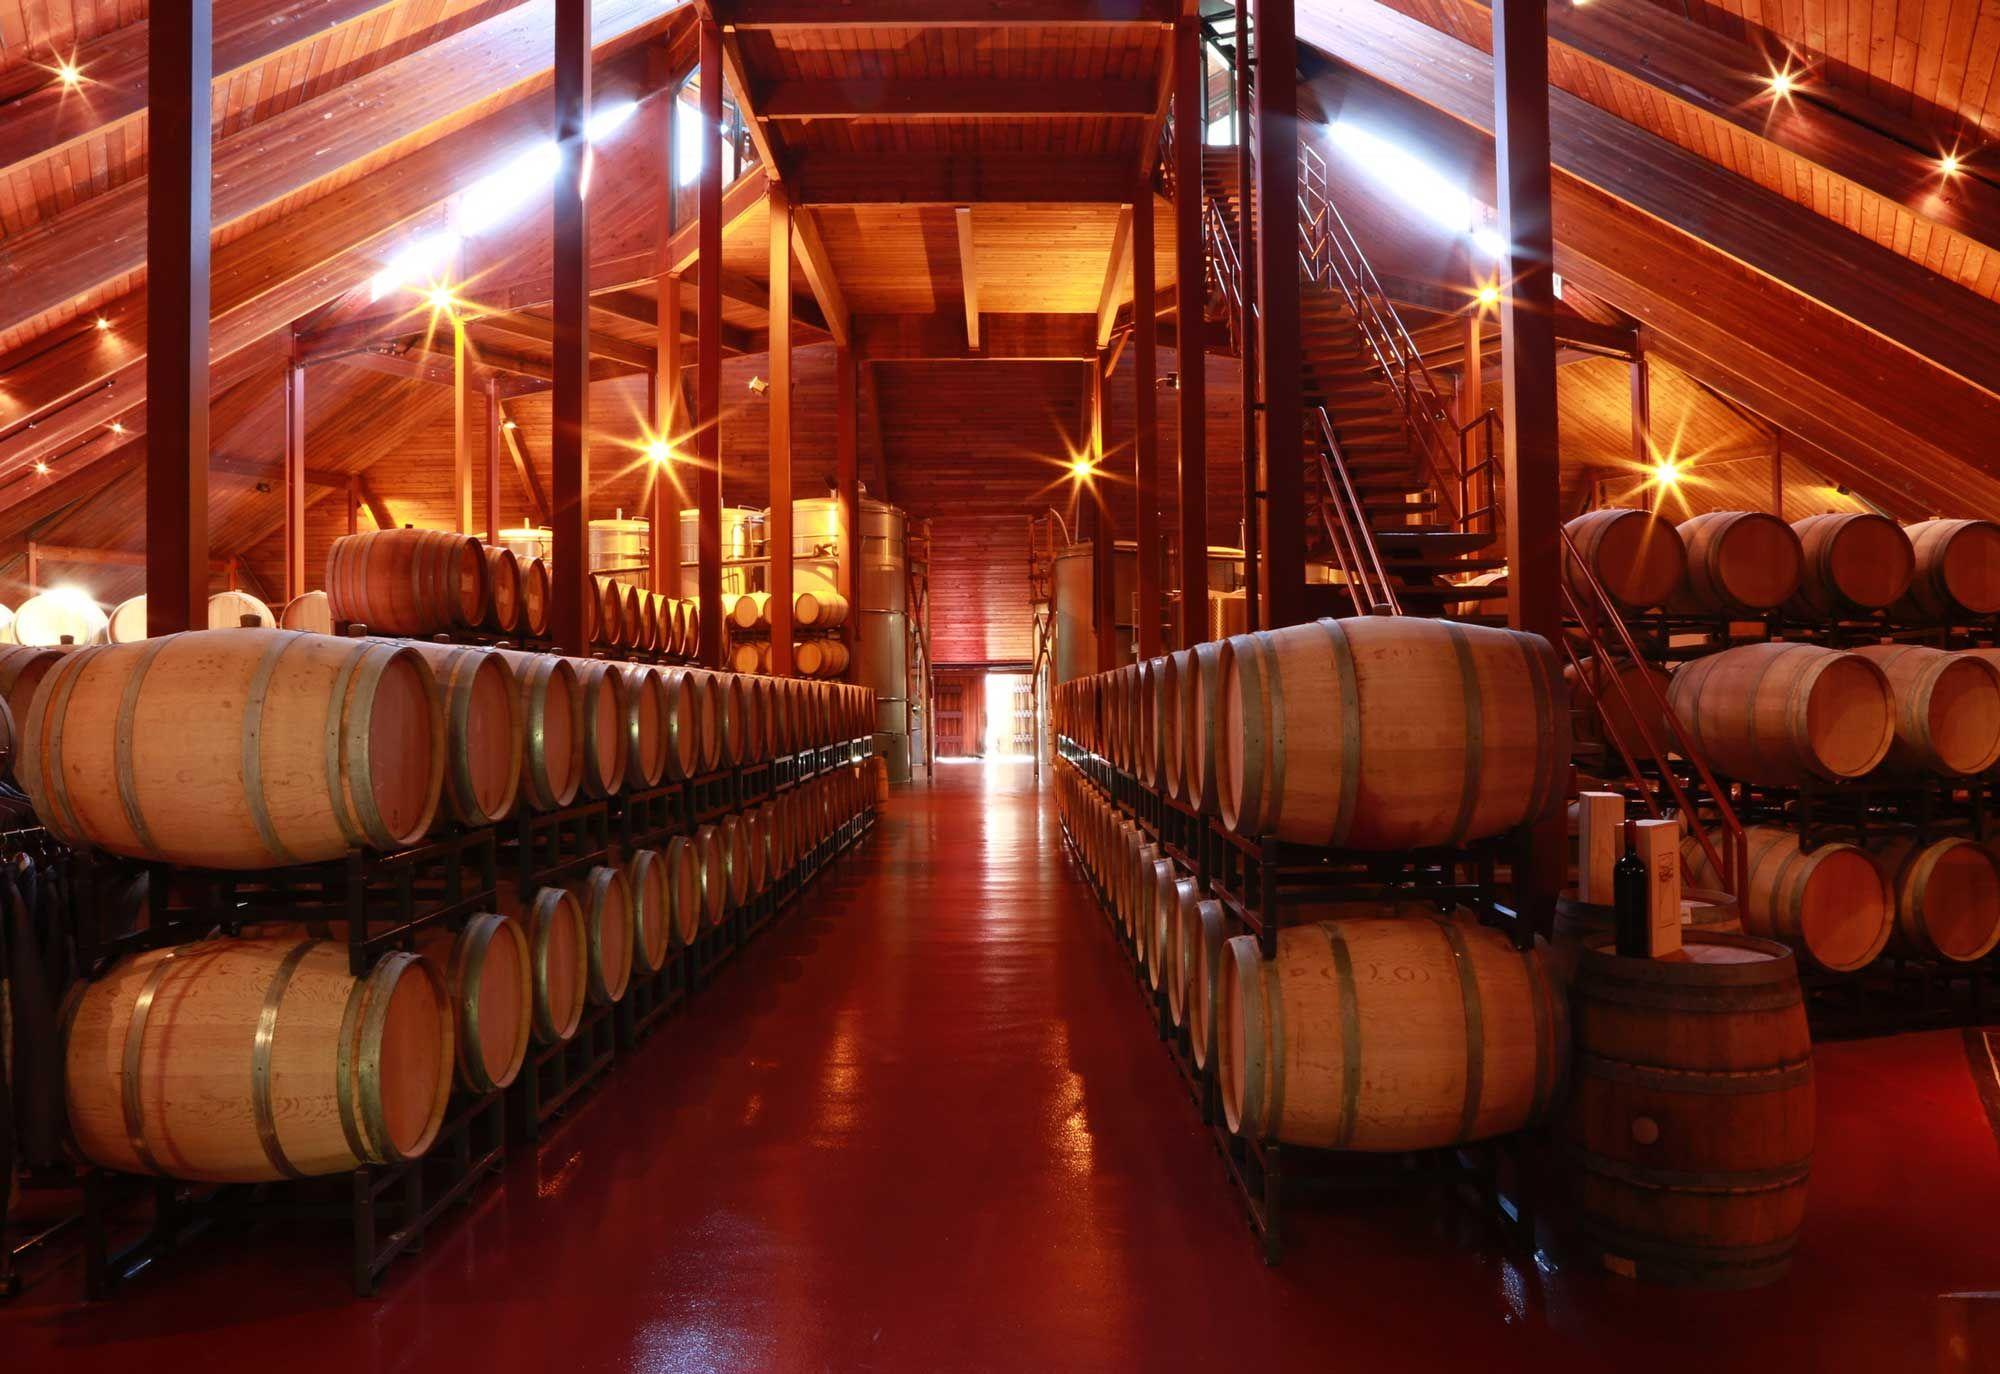 Chappellet-Winery-Interior-1.jpg